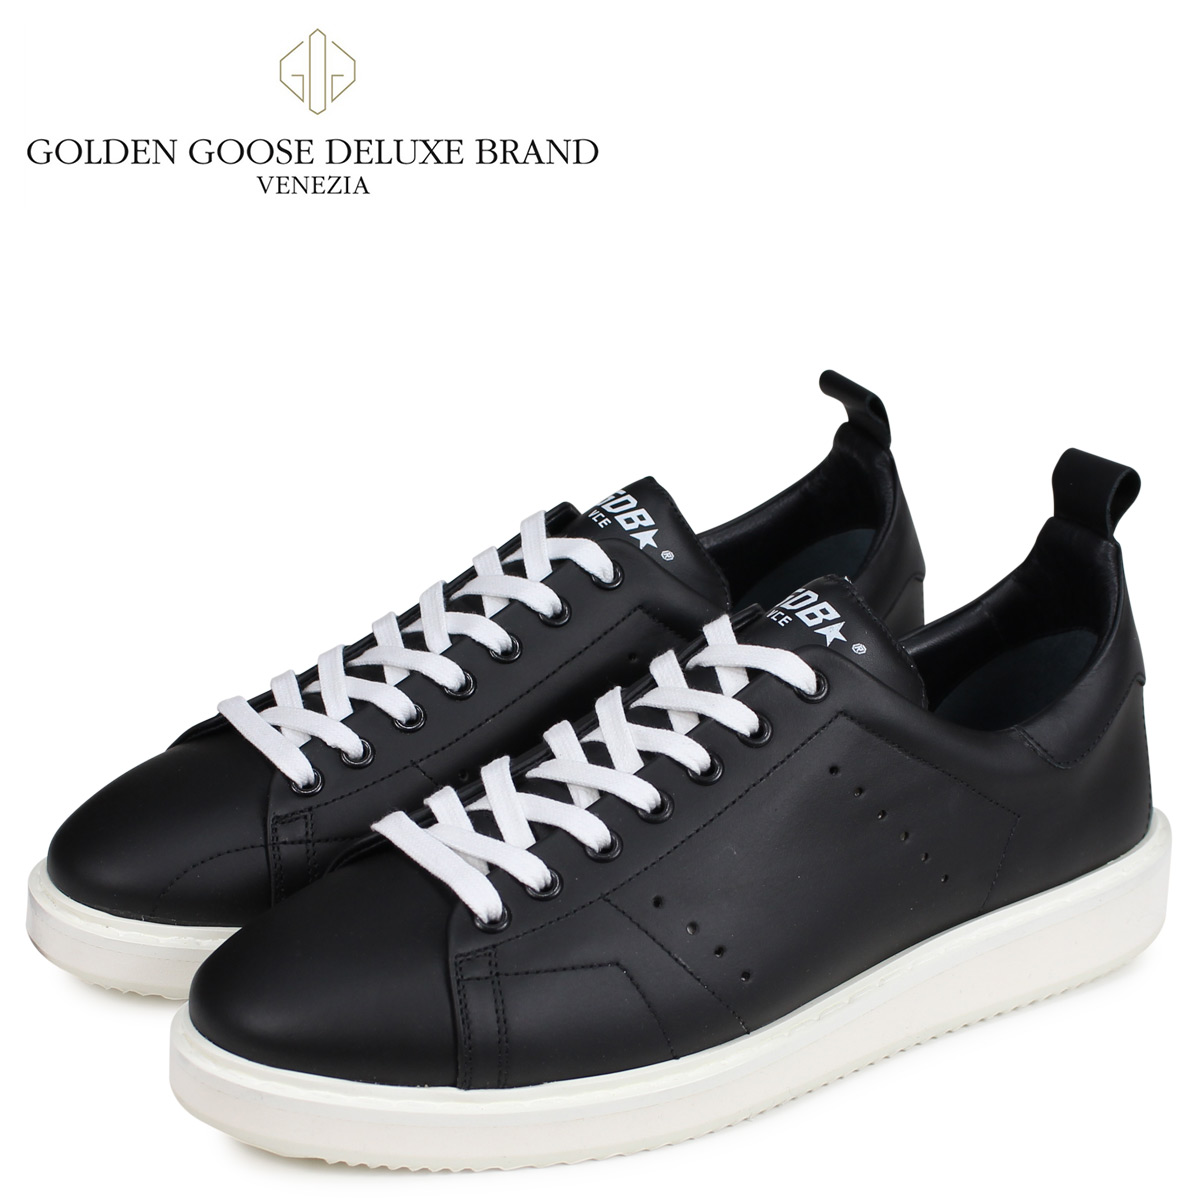 Golden Goose ゴールデングース スニーカー メンズ スターター SNEAKERS STARTER ブラック 黒 GCOMS631 A4